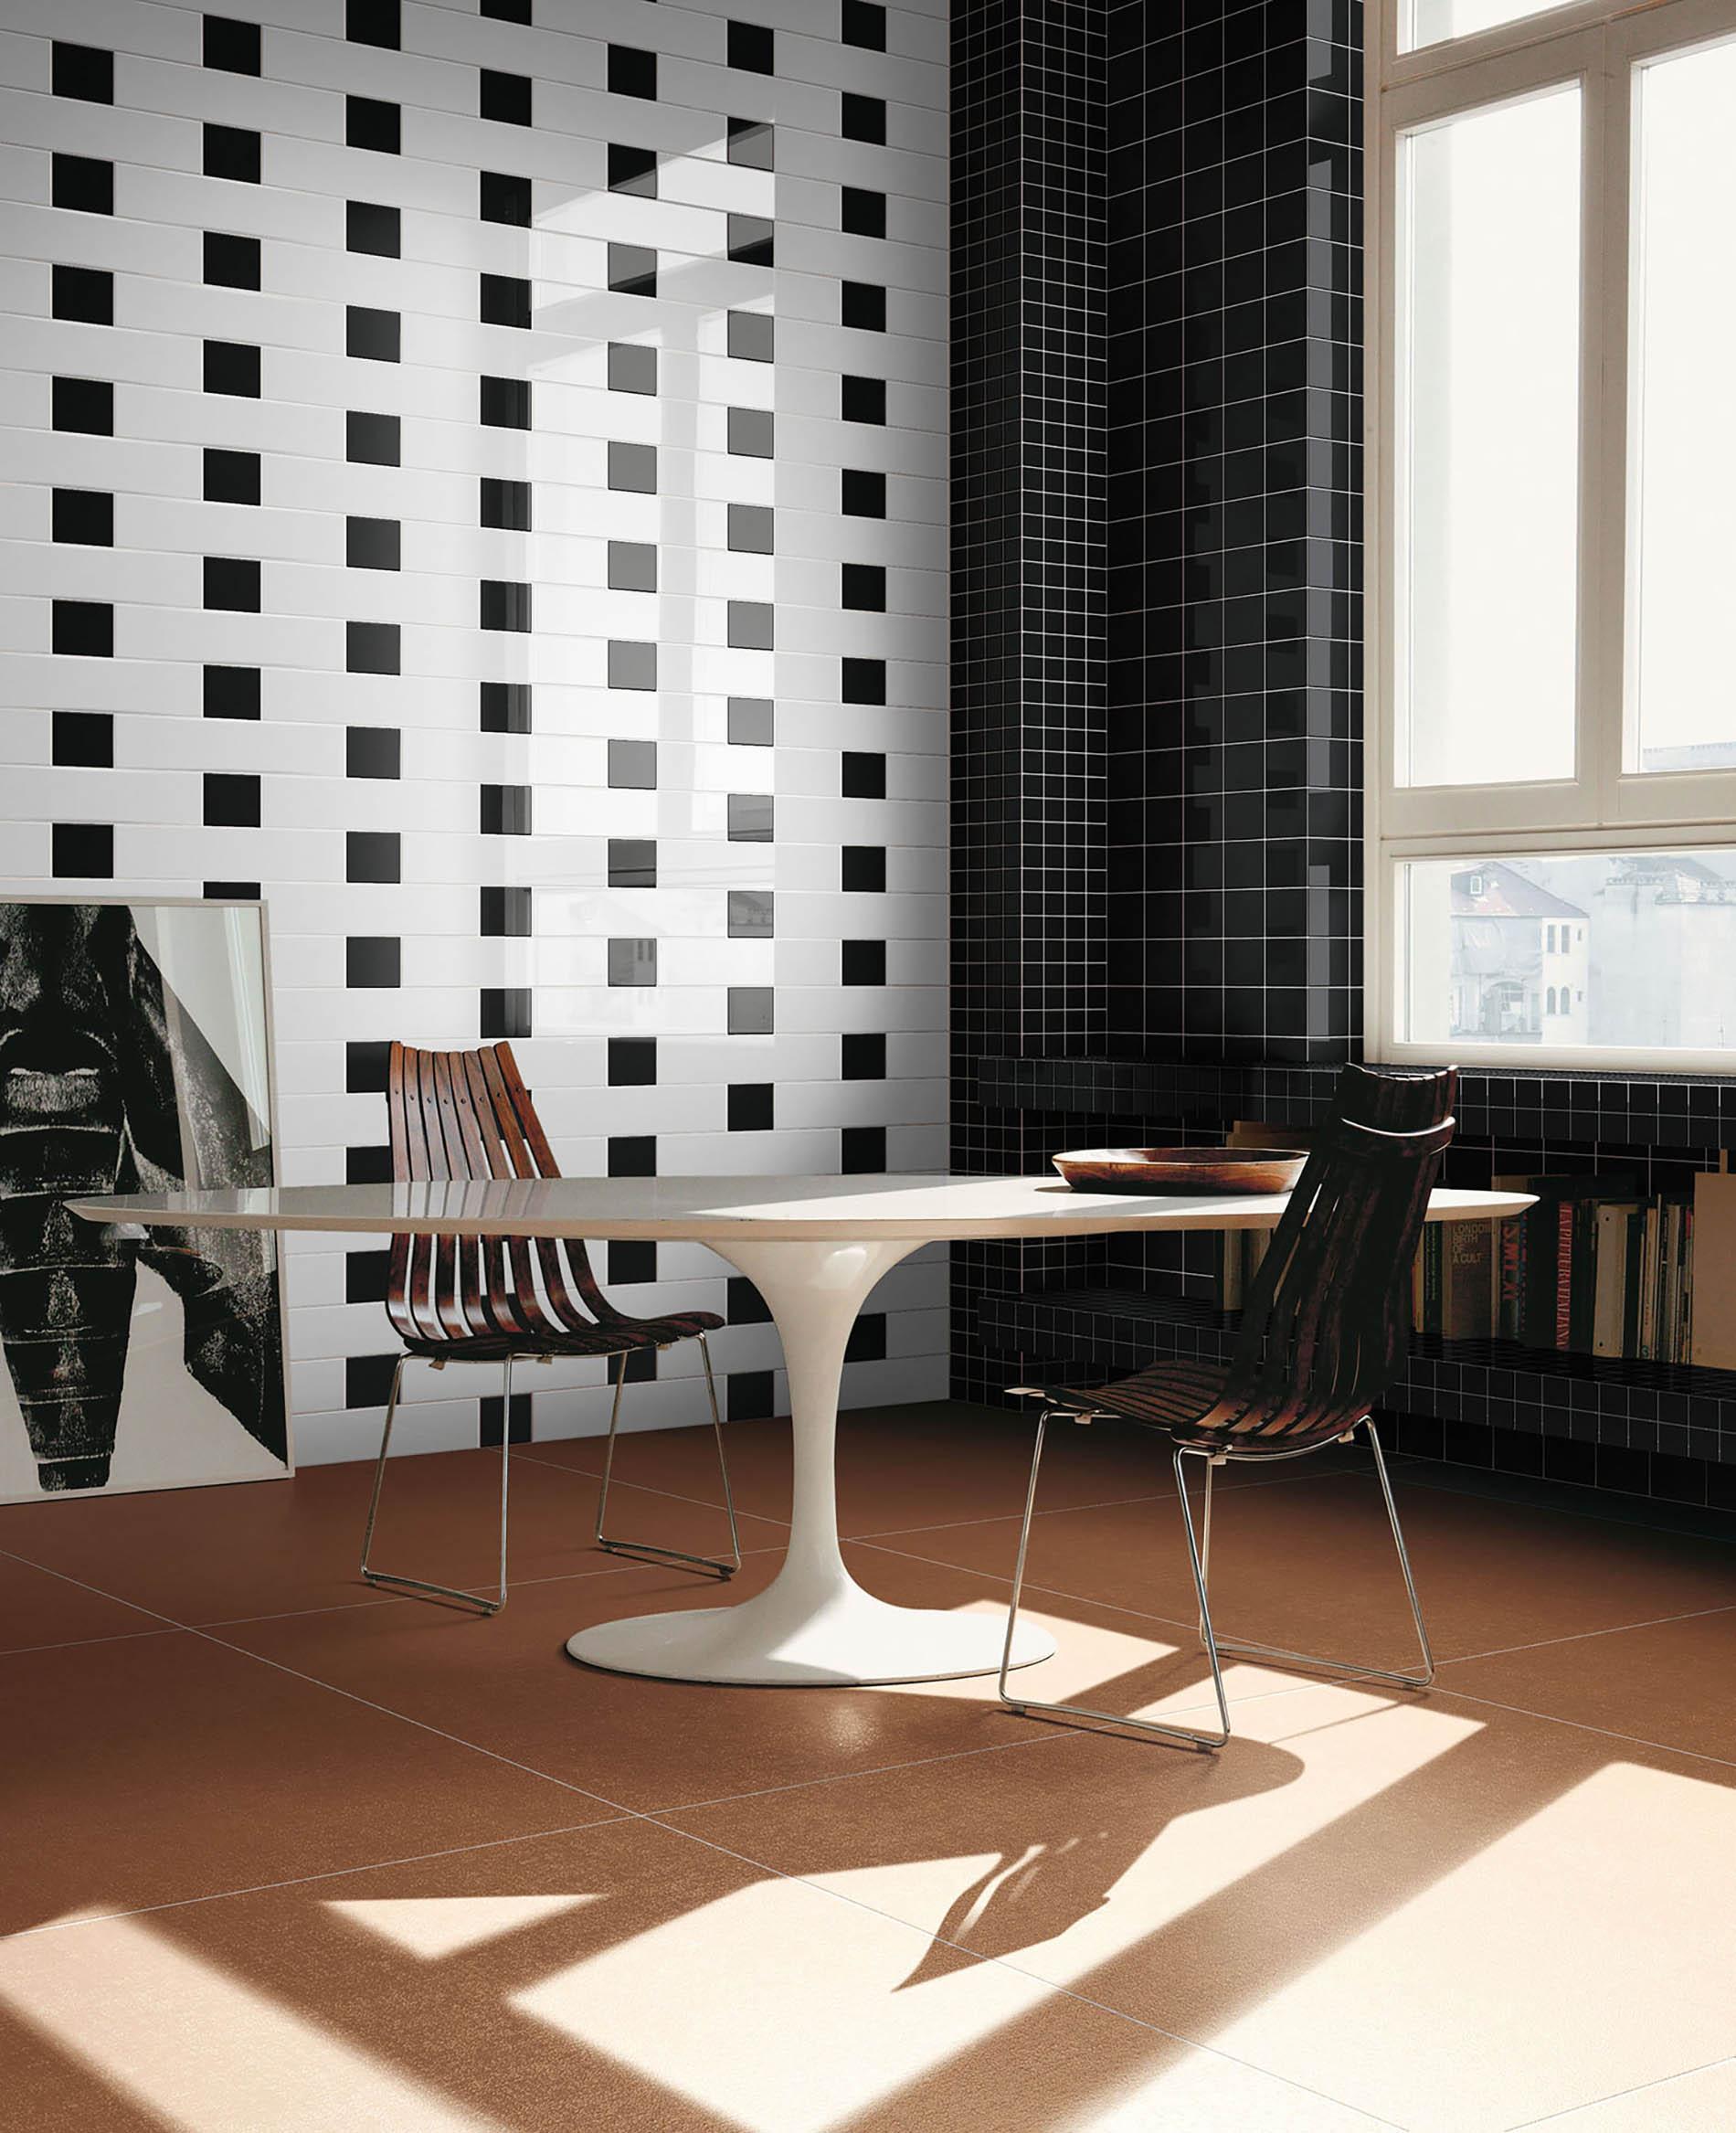 Bianco e nero ceramica bardelli ceramica bardelli - Piastrelle 20x20 bianche ...